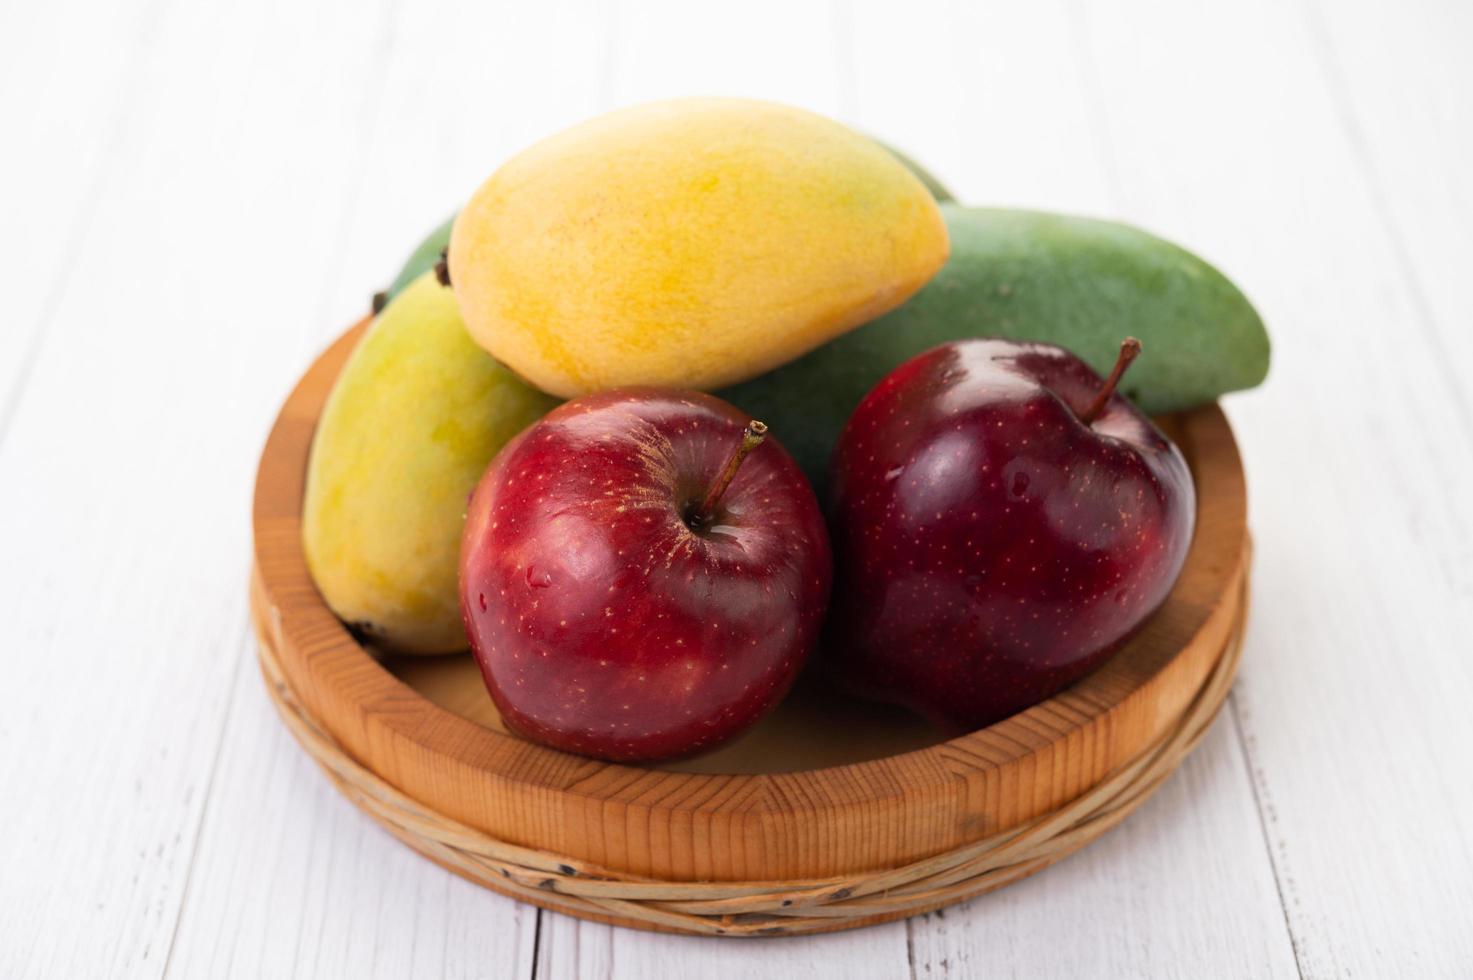 pommes et mangues dans un bol en bois photo